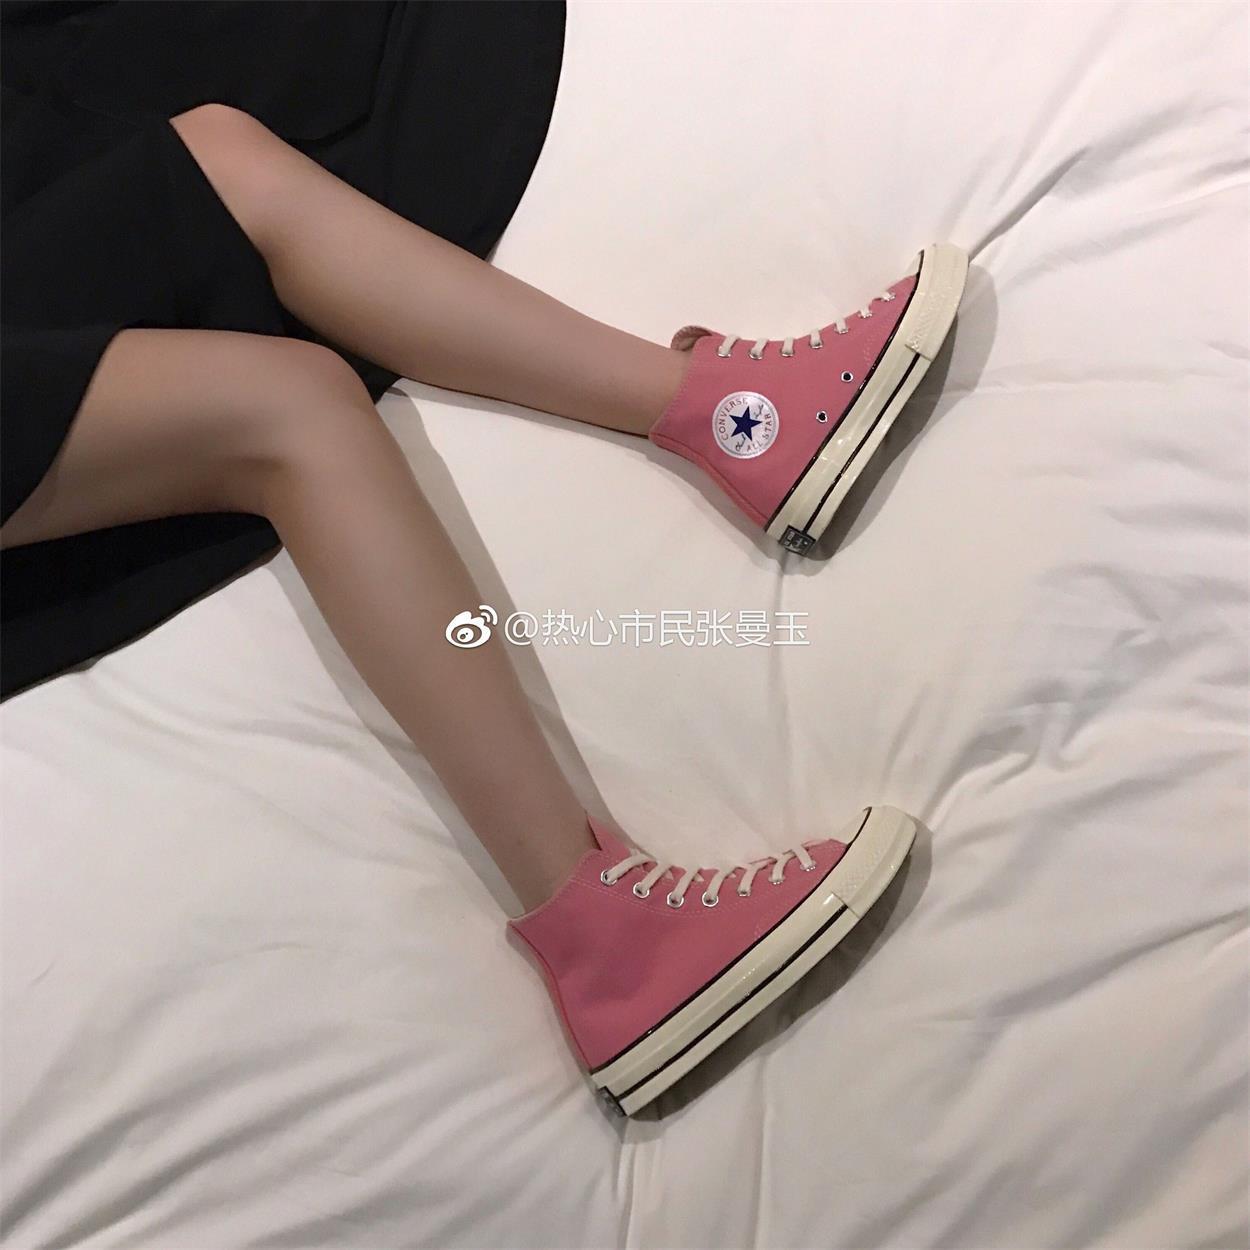 Converse匡威帆布鞋 S 三星标 粉红色 高帮 男女 c